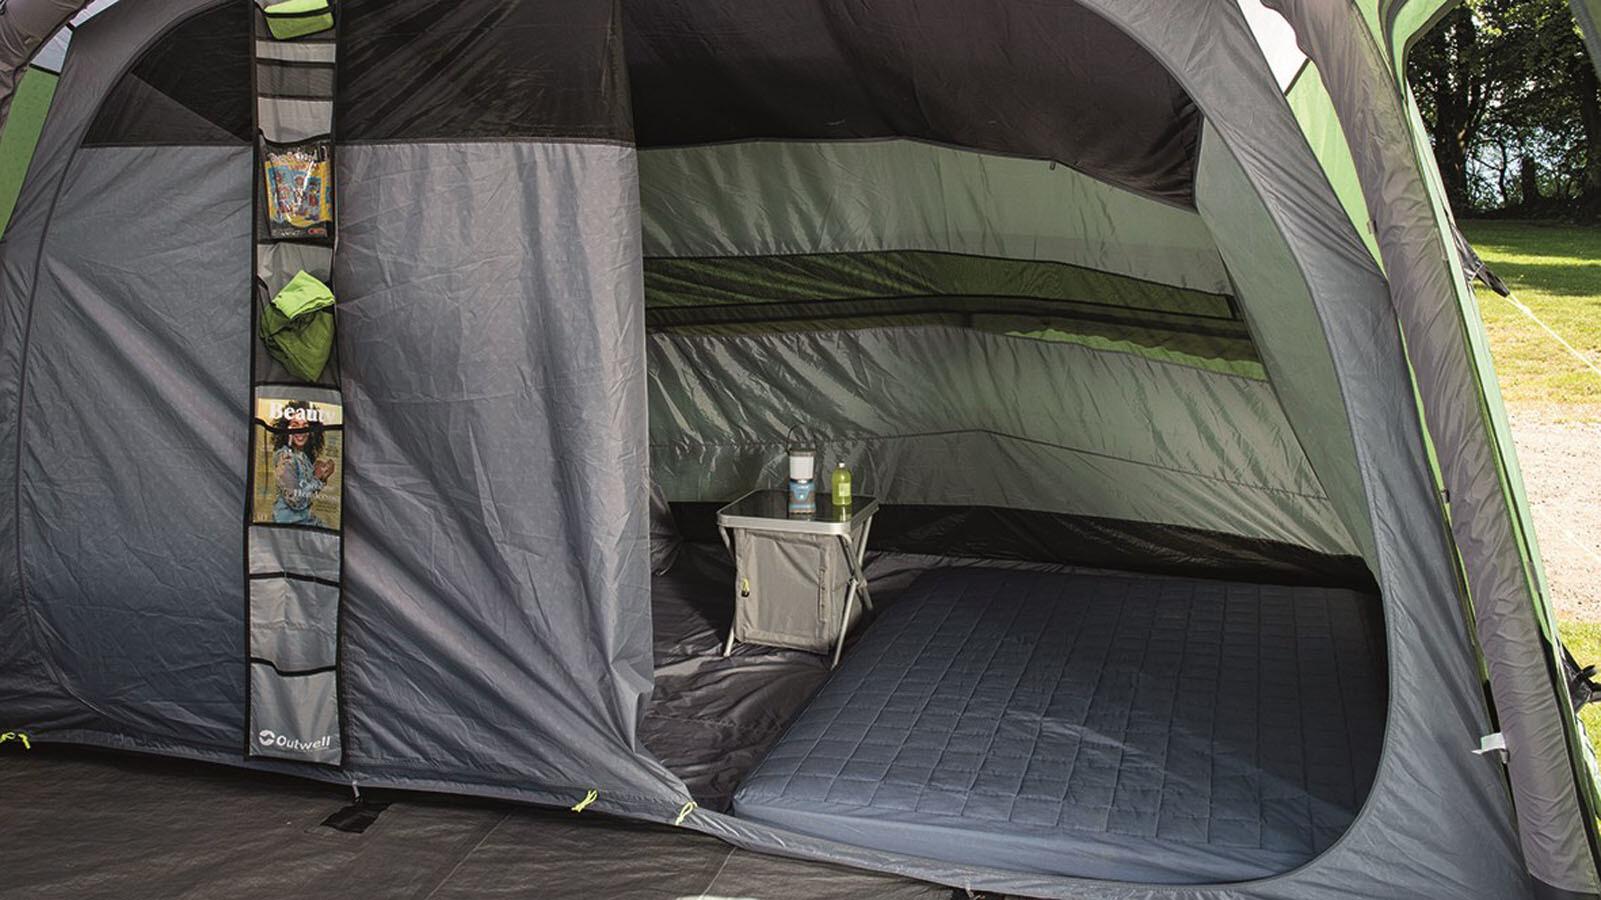 Outwell Cedarville 5A Tent l Online outdoor shop Campz.nl